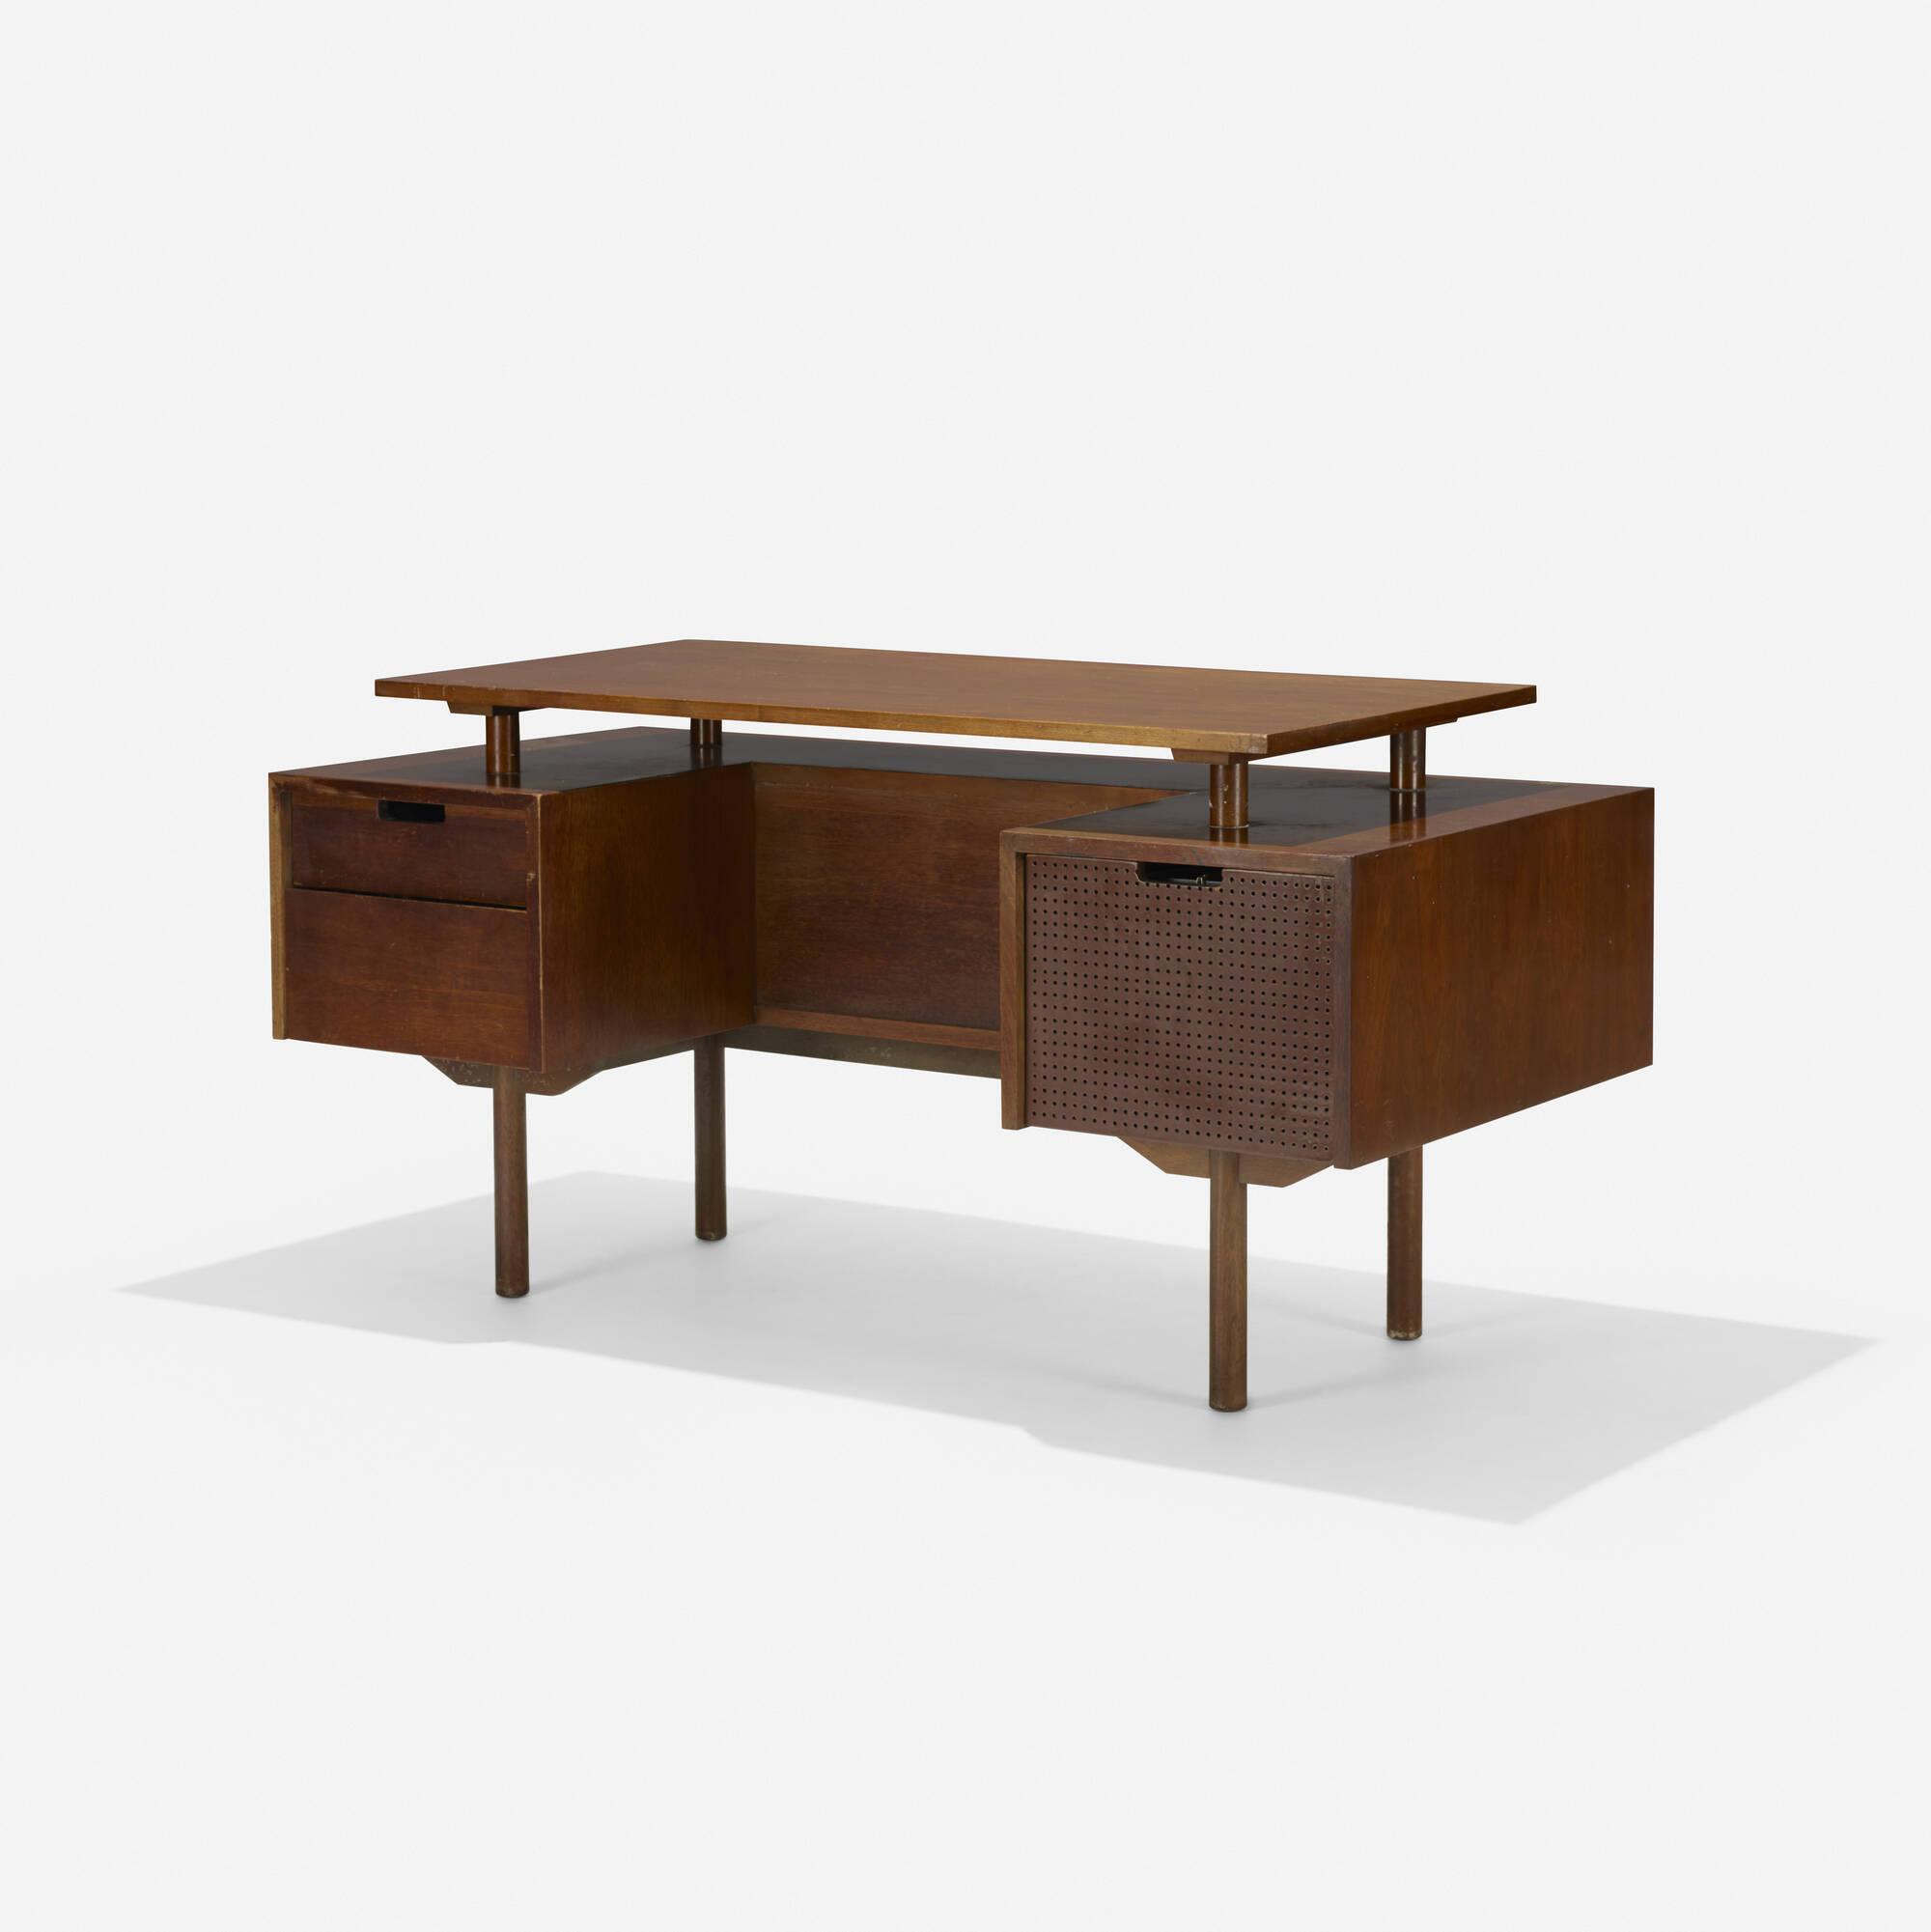 191: Milo Baughman / desk, model 1625 (1 of 4)